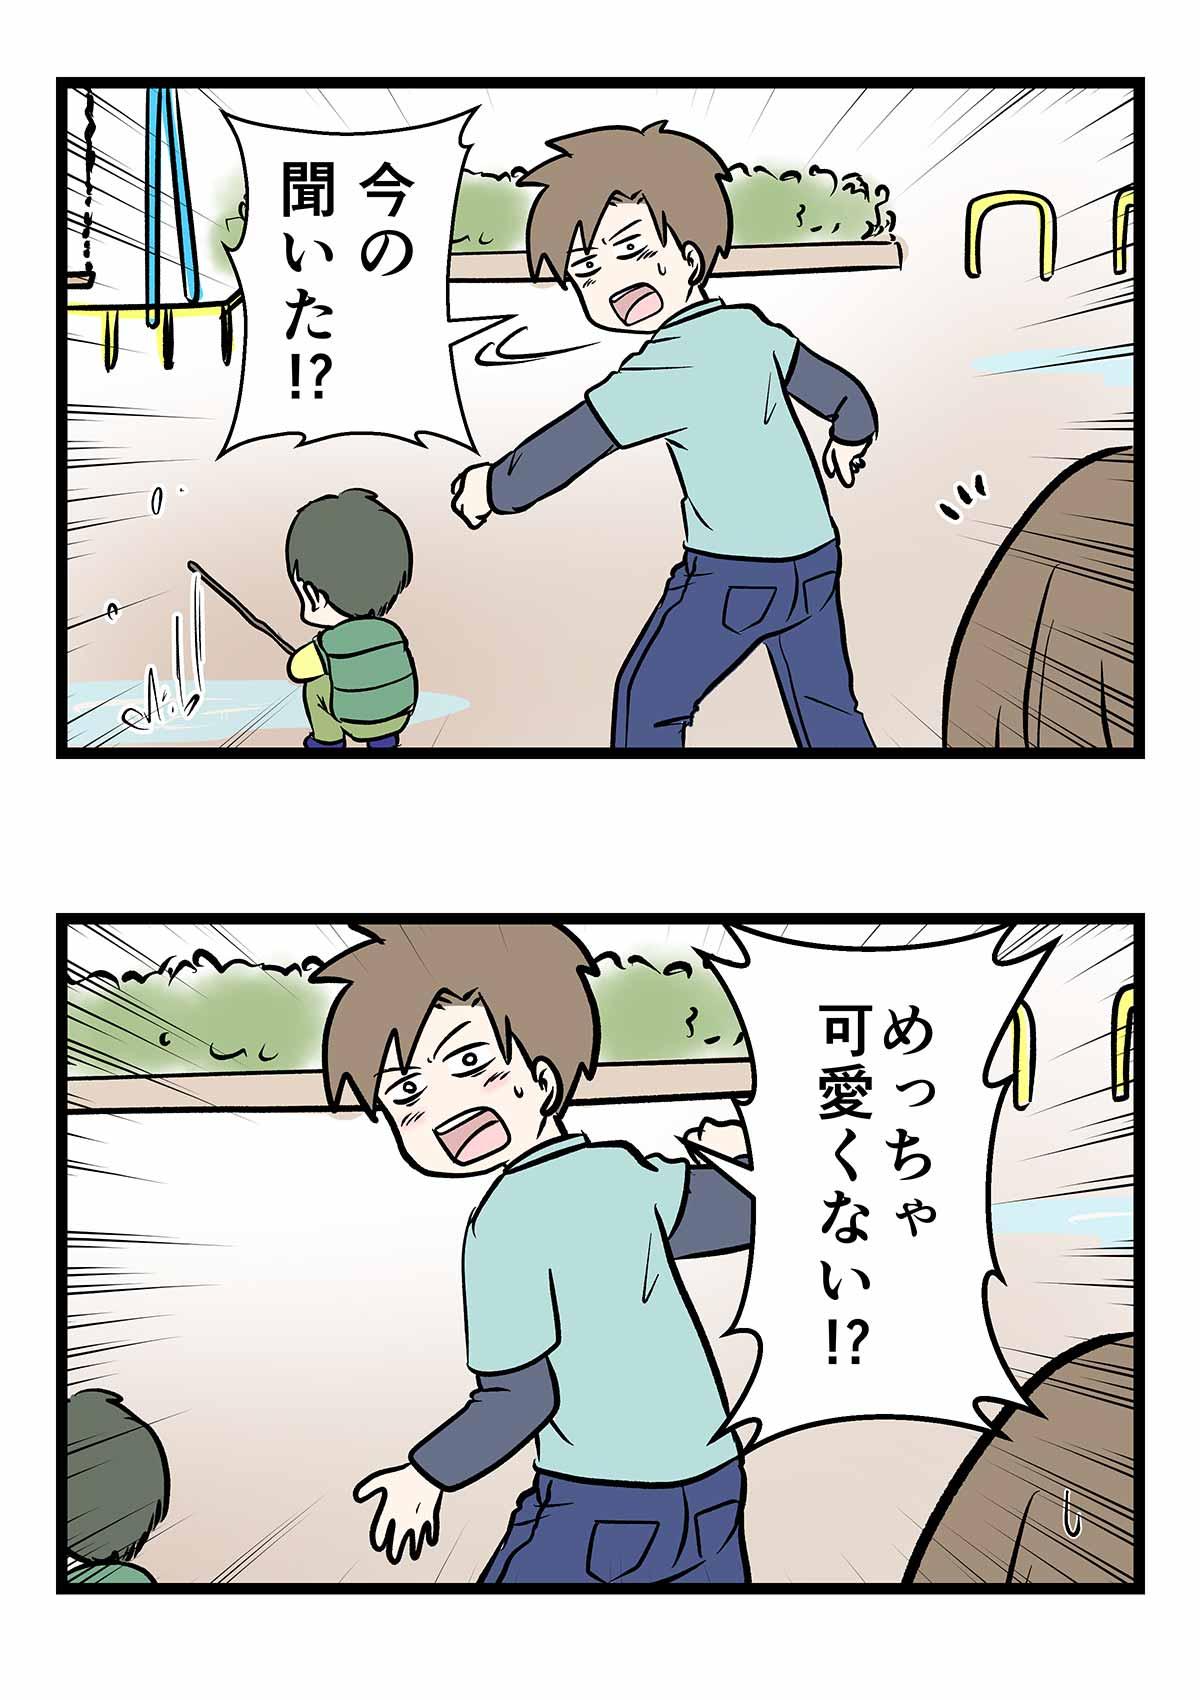 雨があがると子供の素晴らしさがわかることもあるらしい